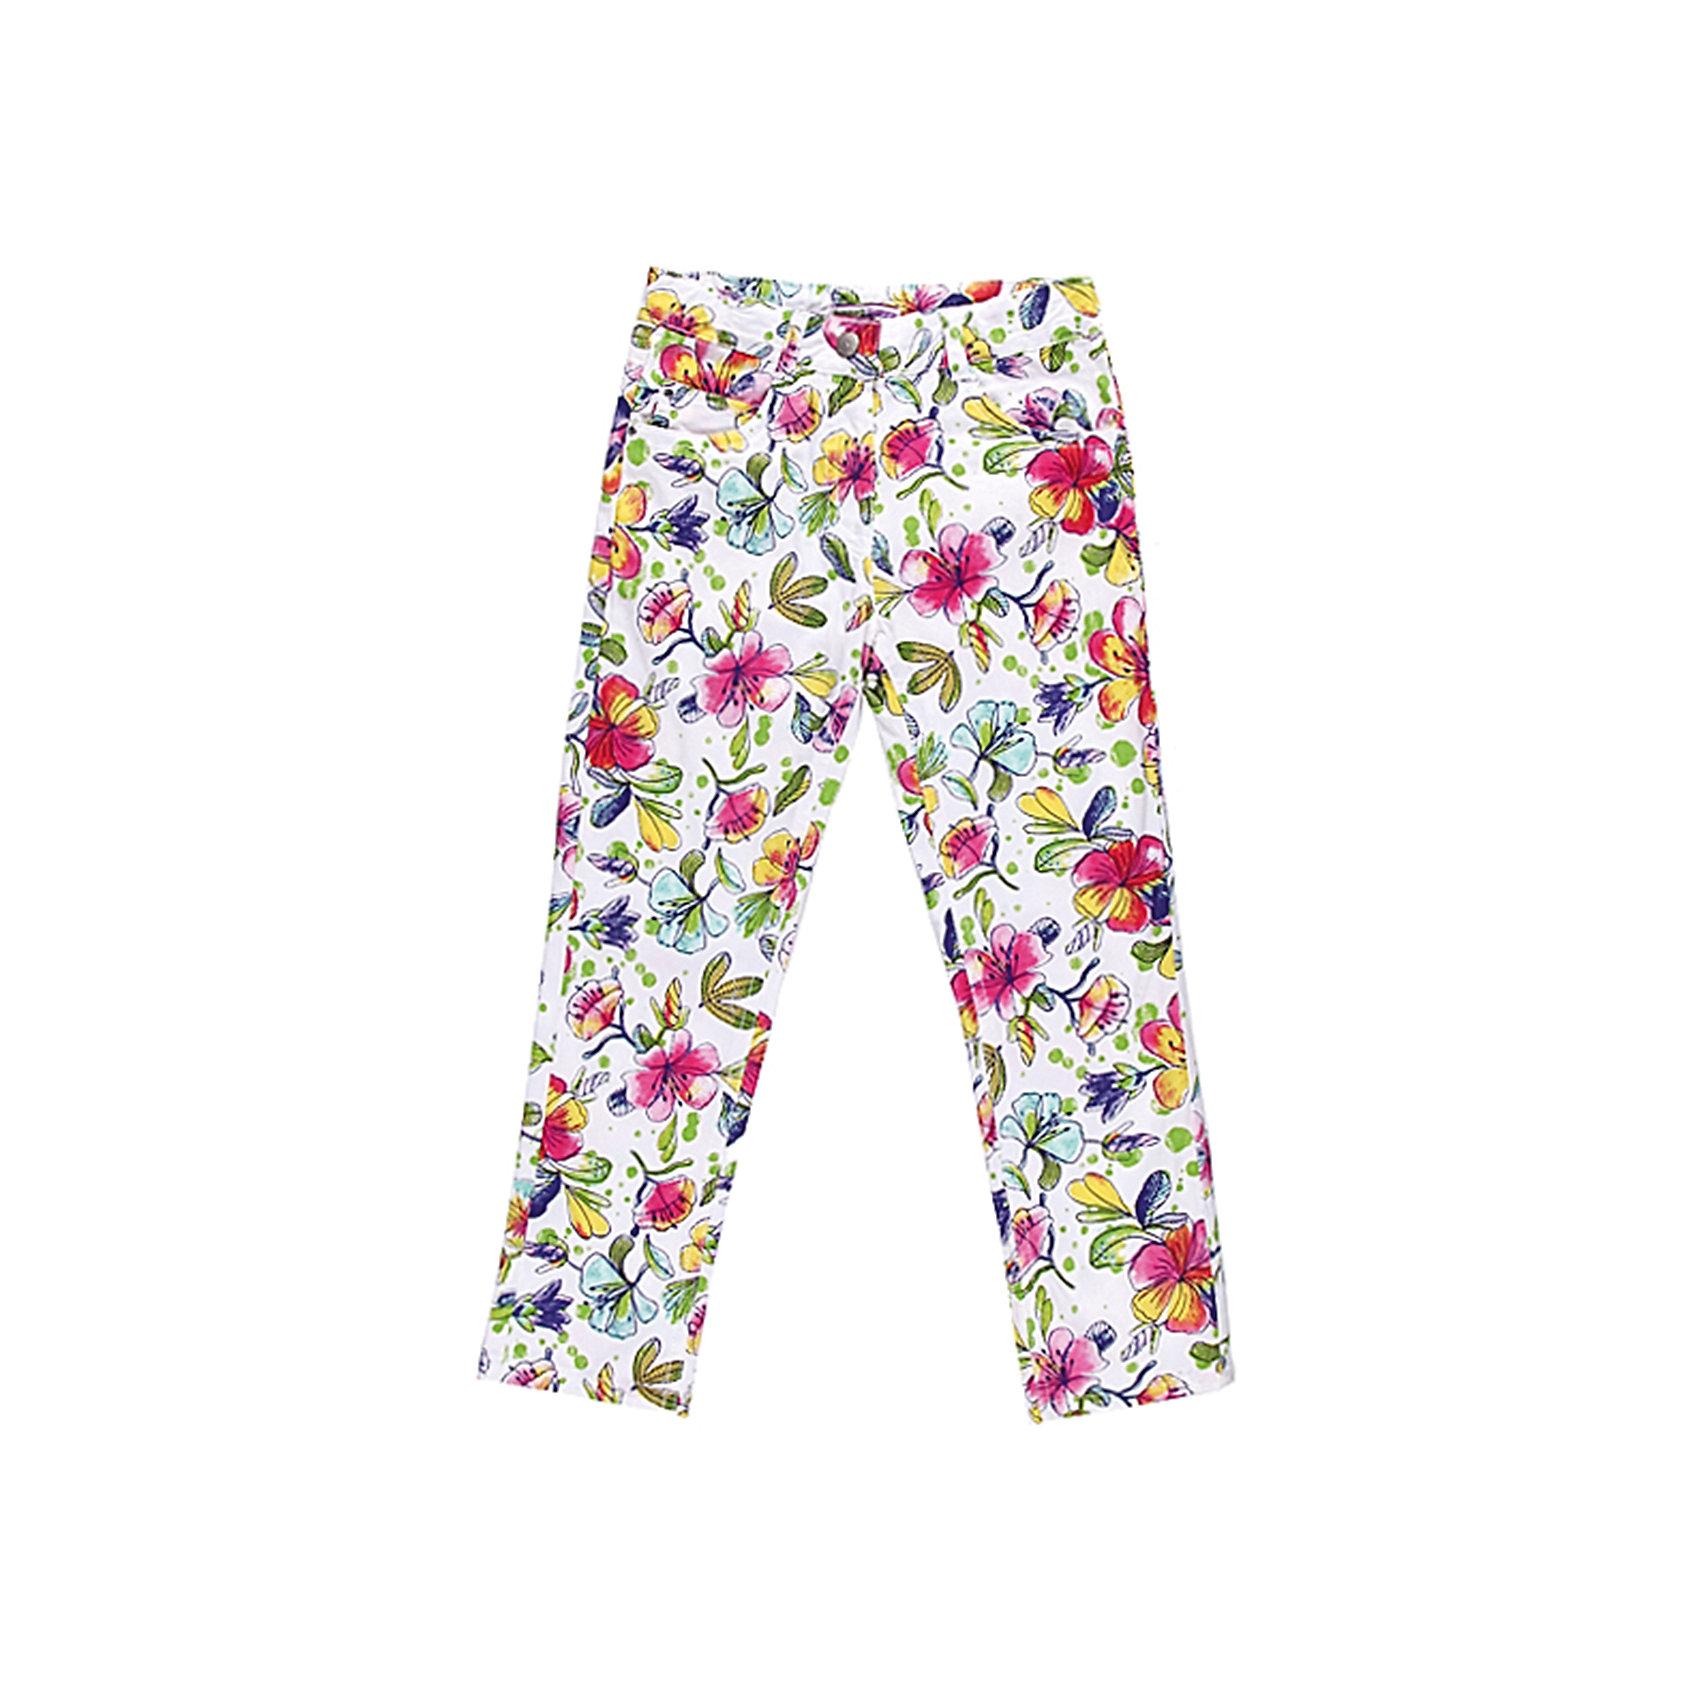 Брюки для девочки Sweet BerryБрюки<br>Яркие принтованные летние брюки на девочку, из тонкого поплина.. Четыре функциональных кармана, пояс регулируется внутренней резинкой.<br>Состав:<br>98% хлопок,2% эластан<br><br>Ширина мм: 215<br>Глубина мм: 88<br>Высота мм: 191<br>Вес г: 336<br>Цвет: разноцветный<br>Возраст от месяцев: 36<br>Возраст до месяцев: 48<br>Пол: Женский<br>Возраст: Детский<br>Размер: 104,128,122,110,98,116<br>SKU: 4521187